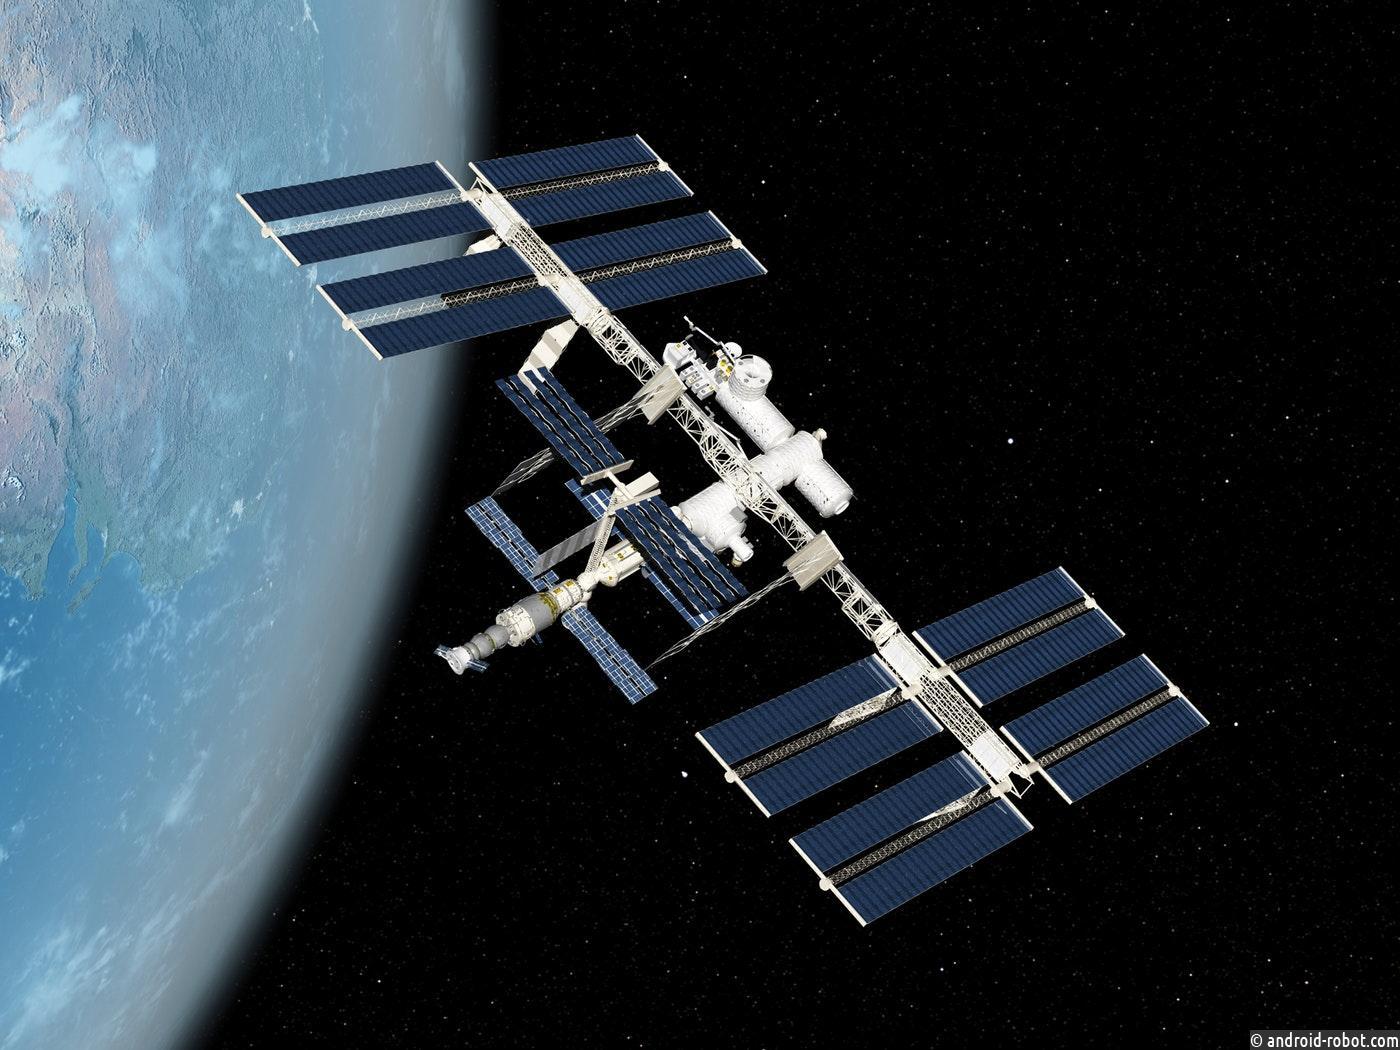 Микробы в космосе: обеспокоенность по поводу бактерий на МКС